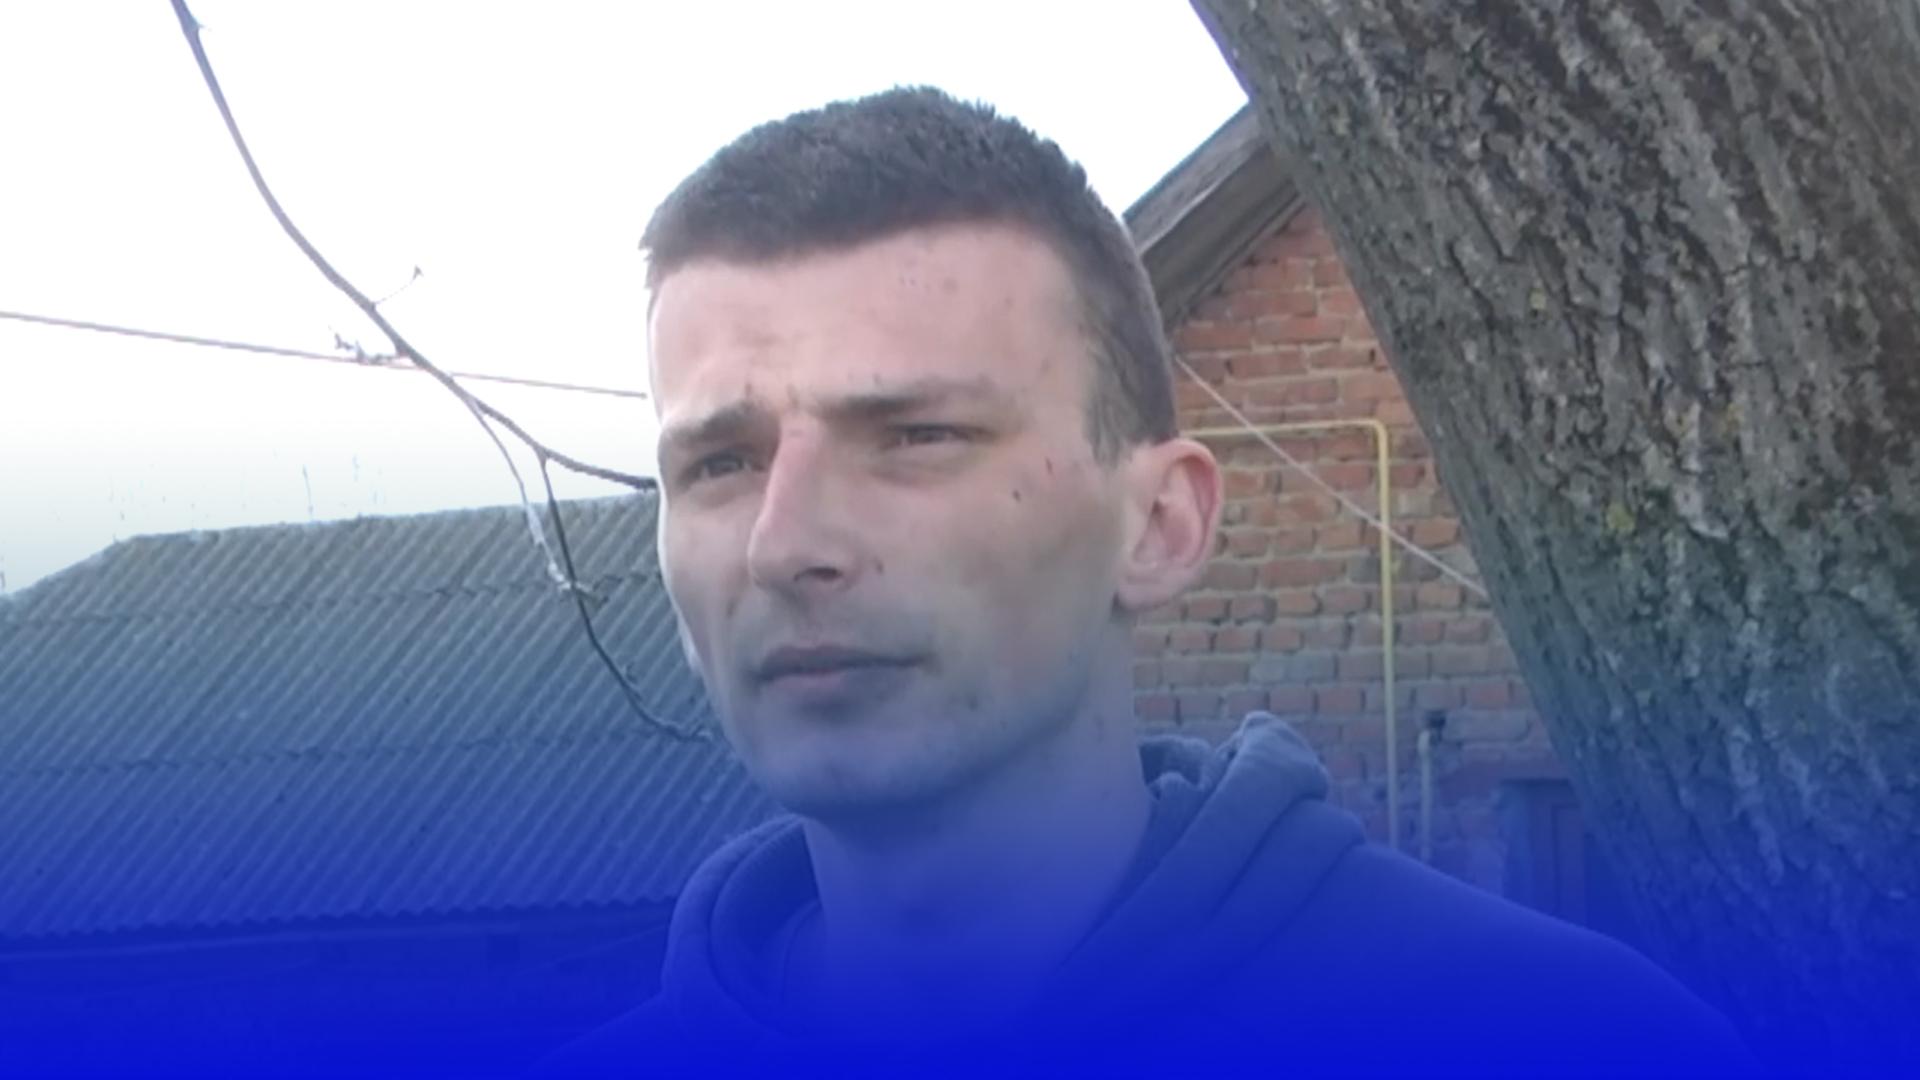 Зізнання на камеру: 24-річний підозрюваний у вбивстві розповів про перепалку в селі Глещава